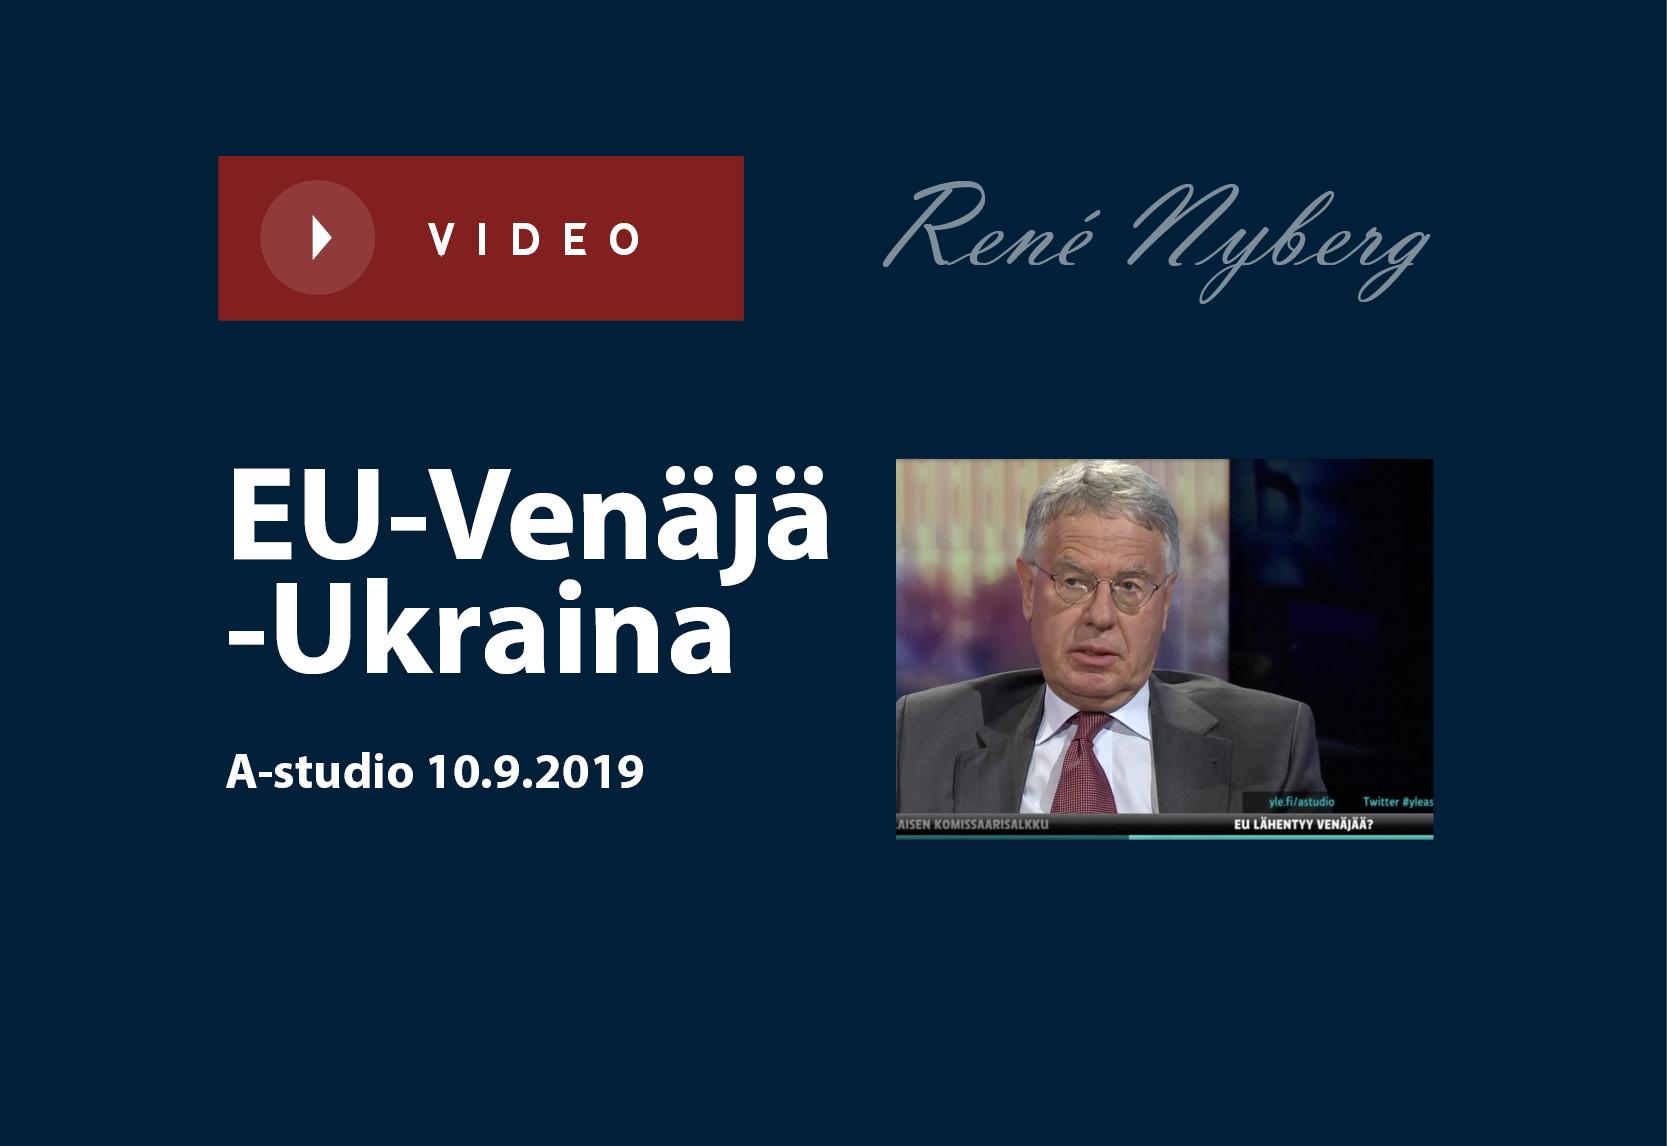 EU-Venäjä-Ukraina